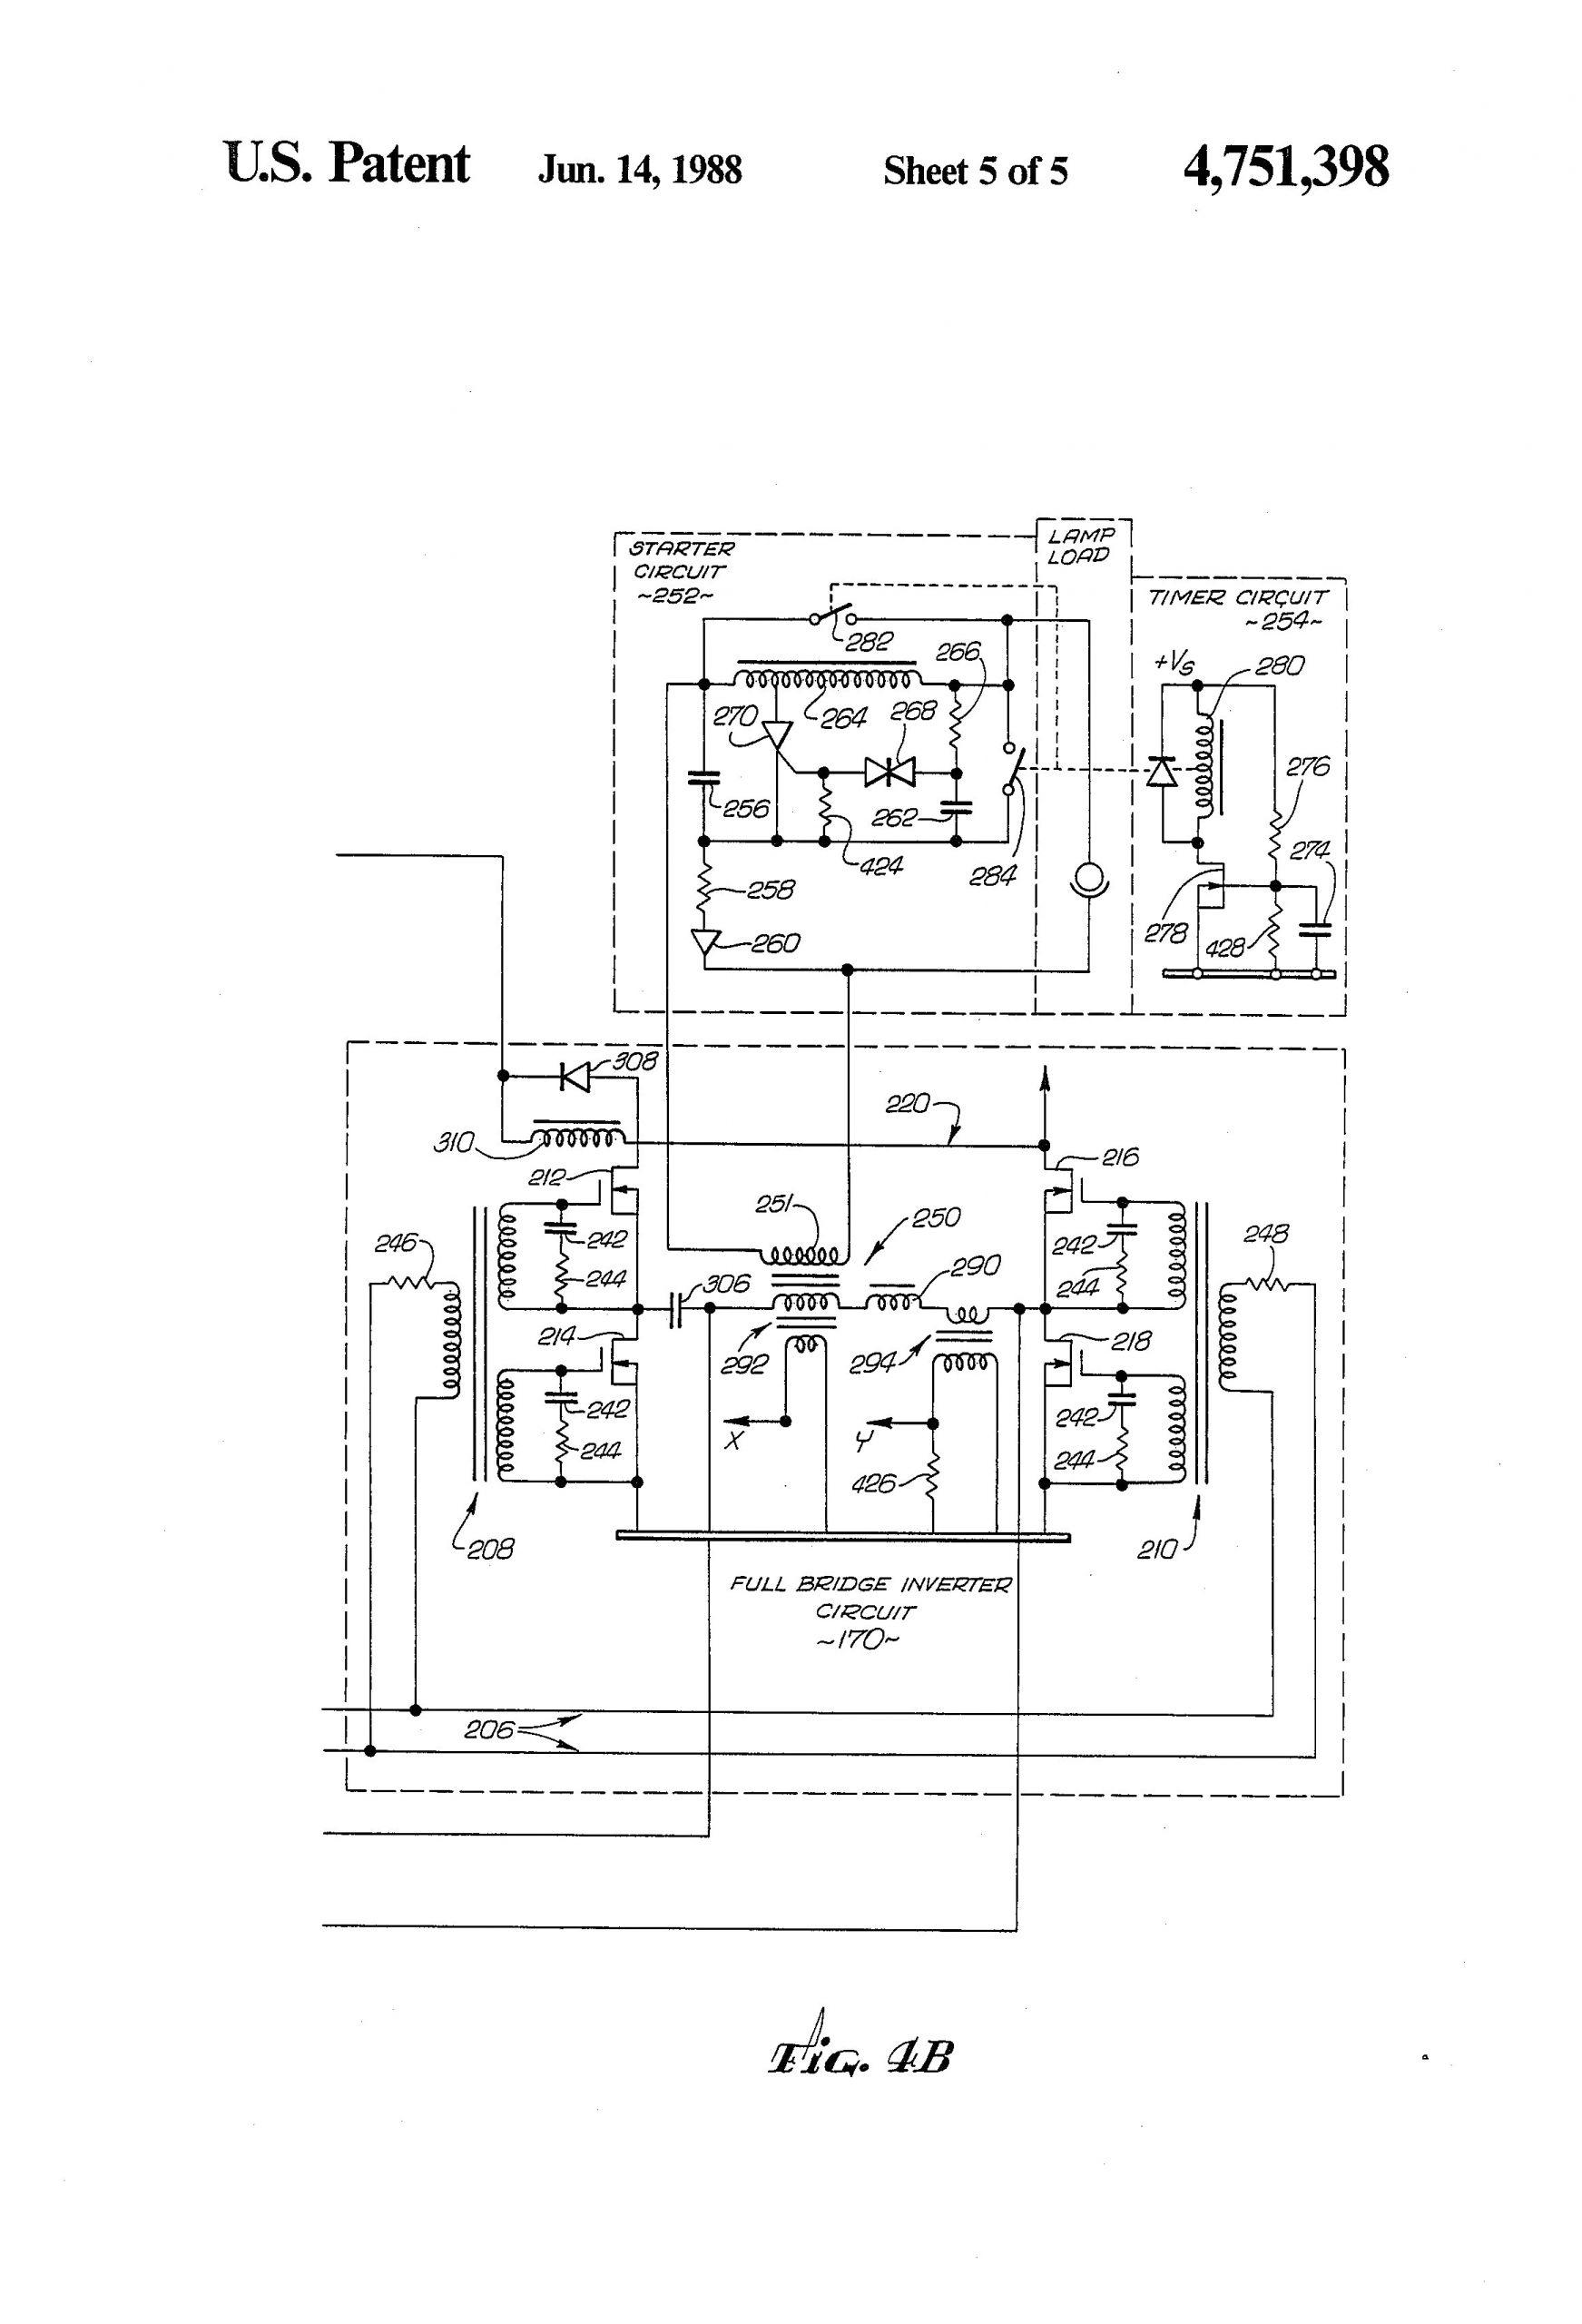 400 Watt Metal Halide Wiring Diagram 8355 Metal Halide 208 Wiring Diagram Wiring Library